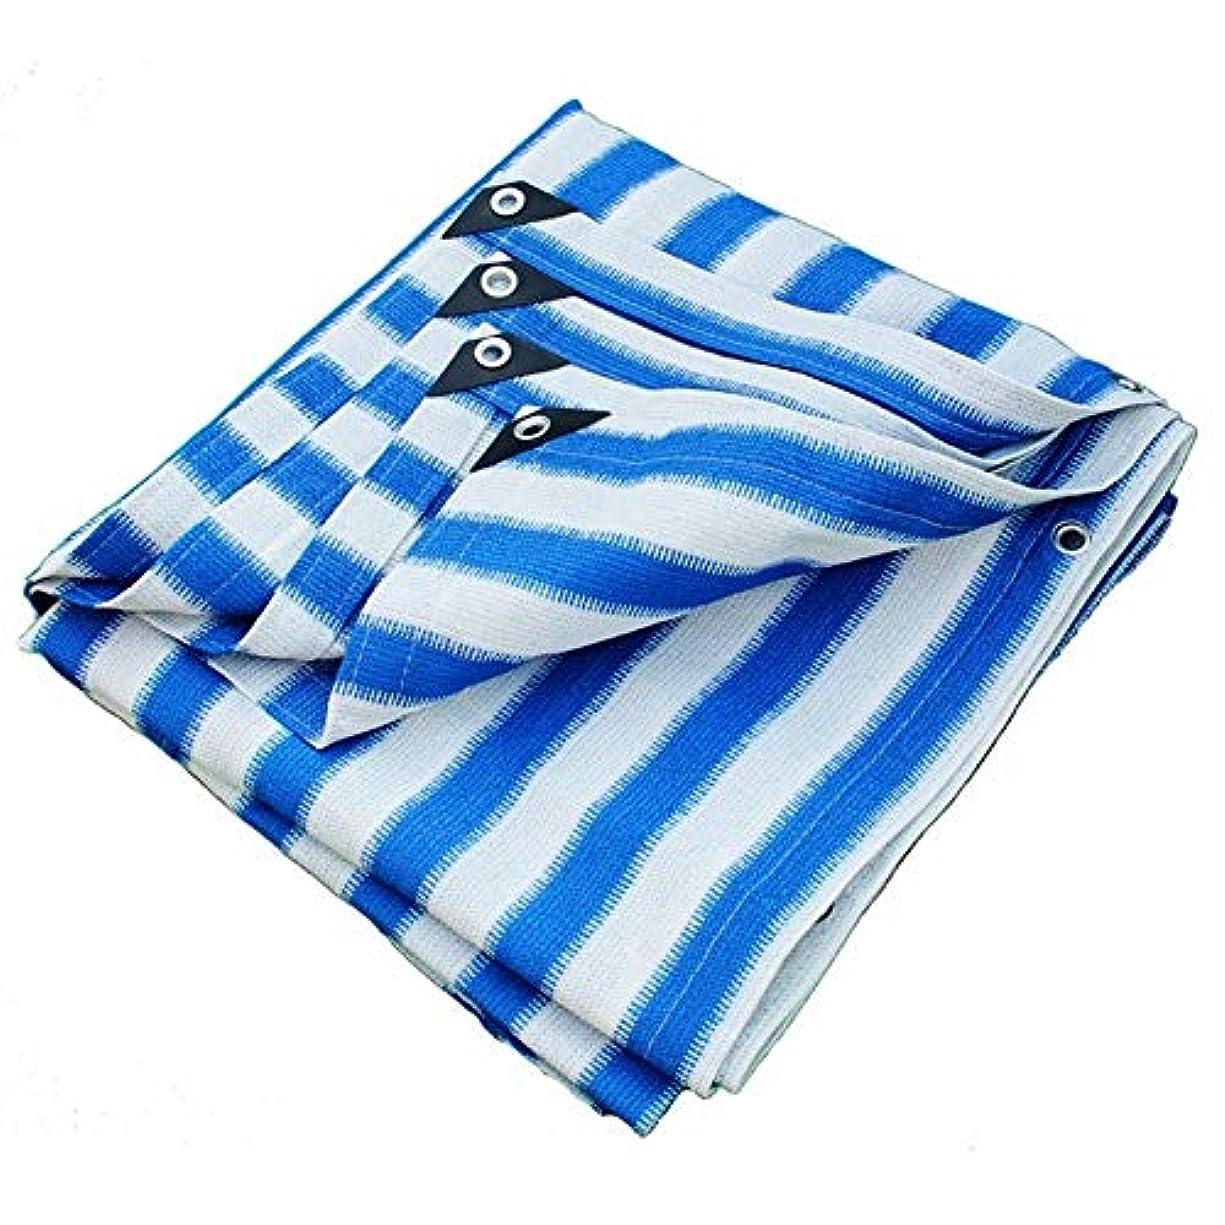 分離する時摂氏度日陰の布、日よけネット、日よけネット - のための日焼け止めネット、庭、保育園、温室、パティオ、庭園、90%シェーディング率 ZHAOFENGMING (Color : Stripe, Size : 2 x 4m)